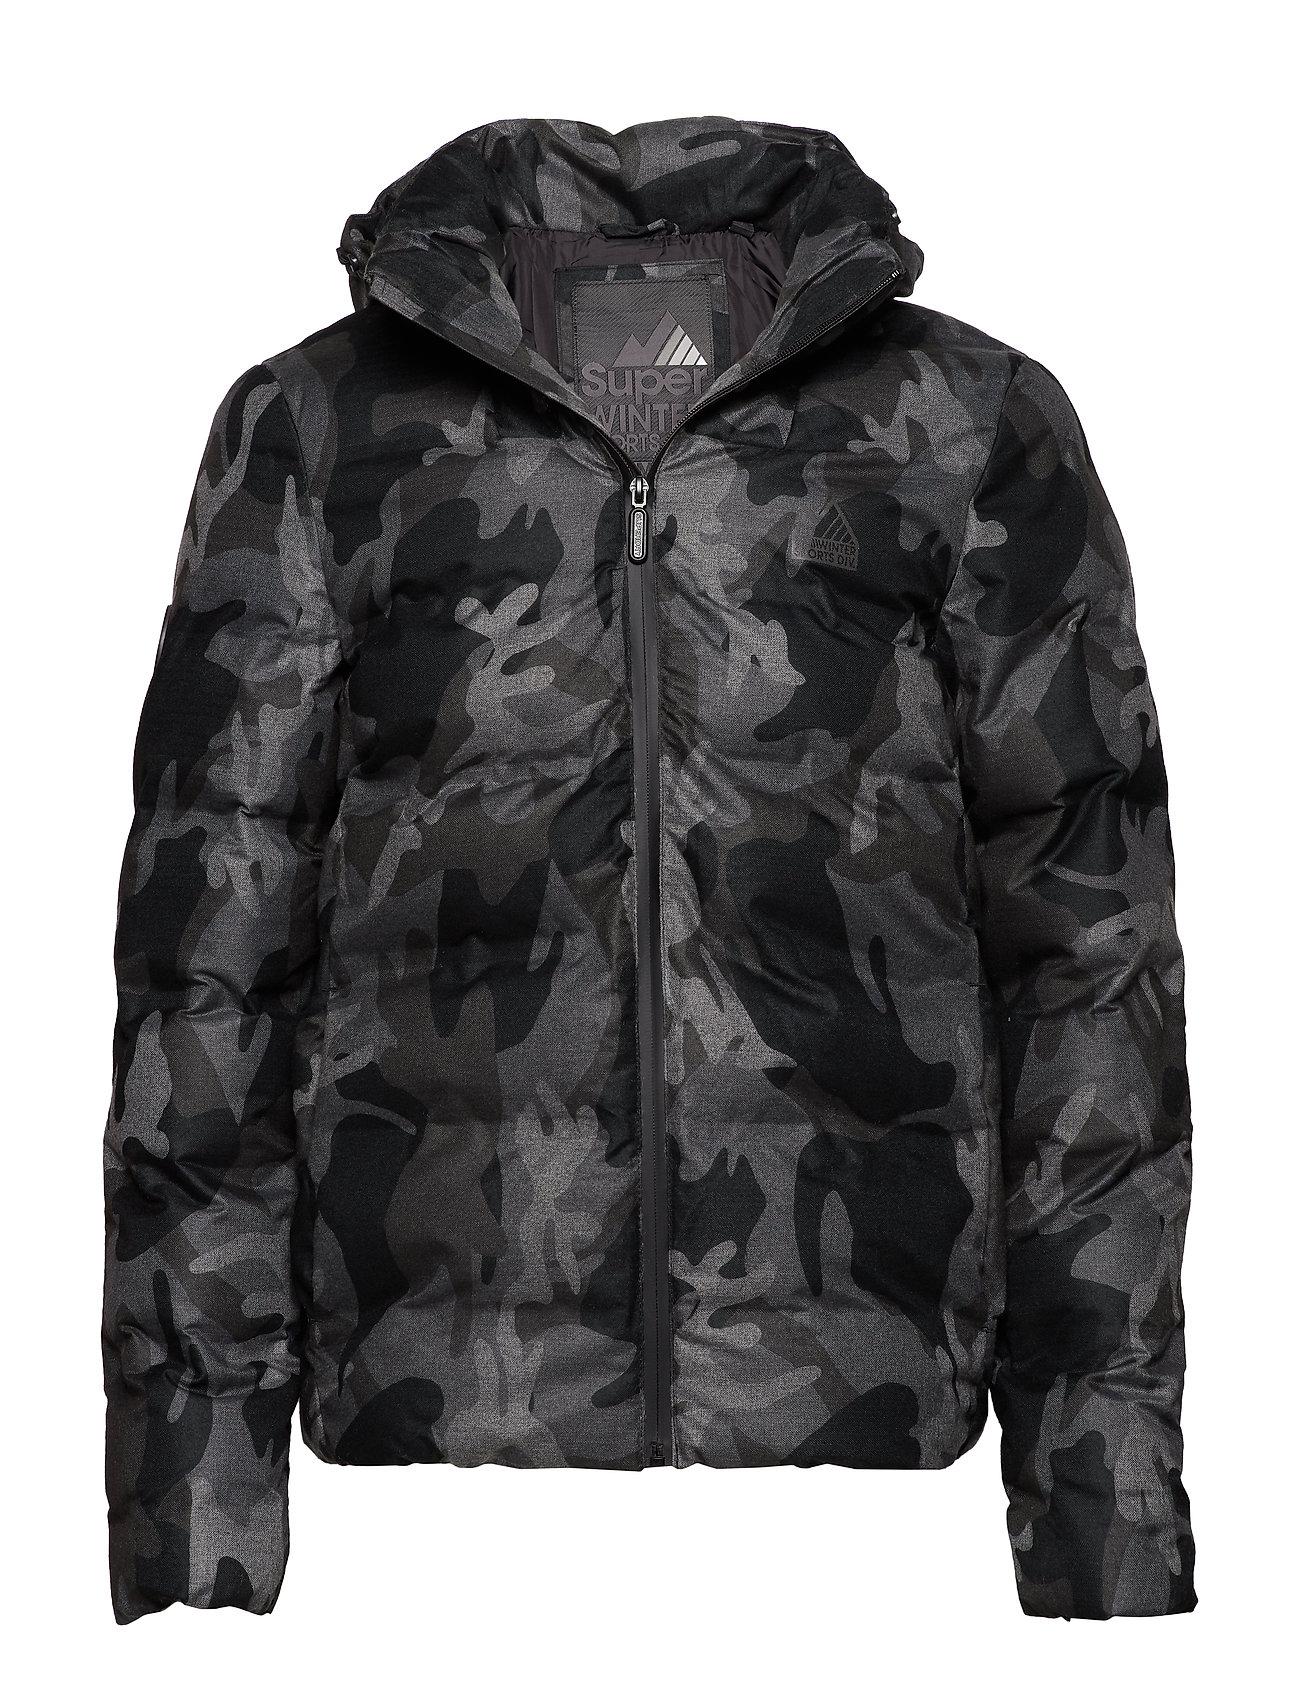 Echo Quilt Puffer (Marl Camo) (£99.99) - Superdry - Jackets   Boozt.com 3431d9f51440